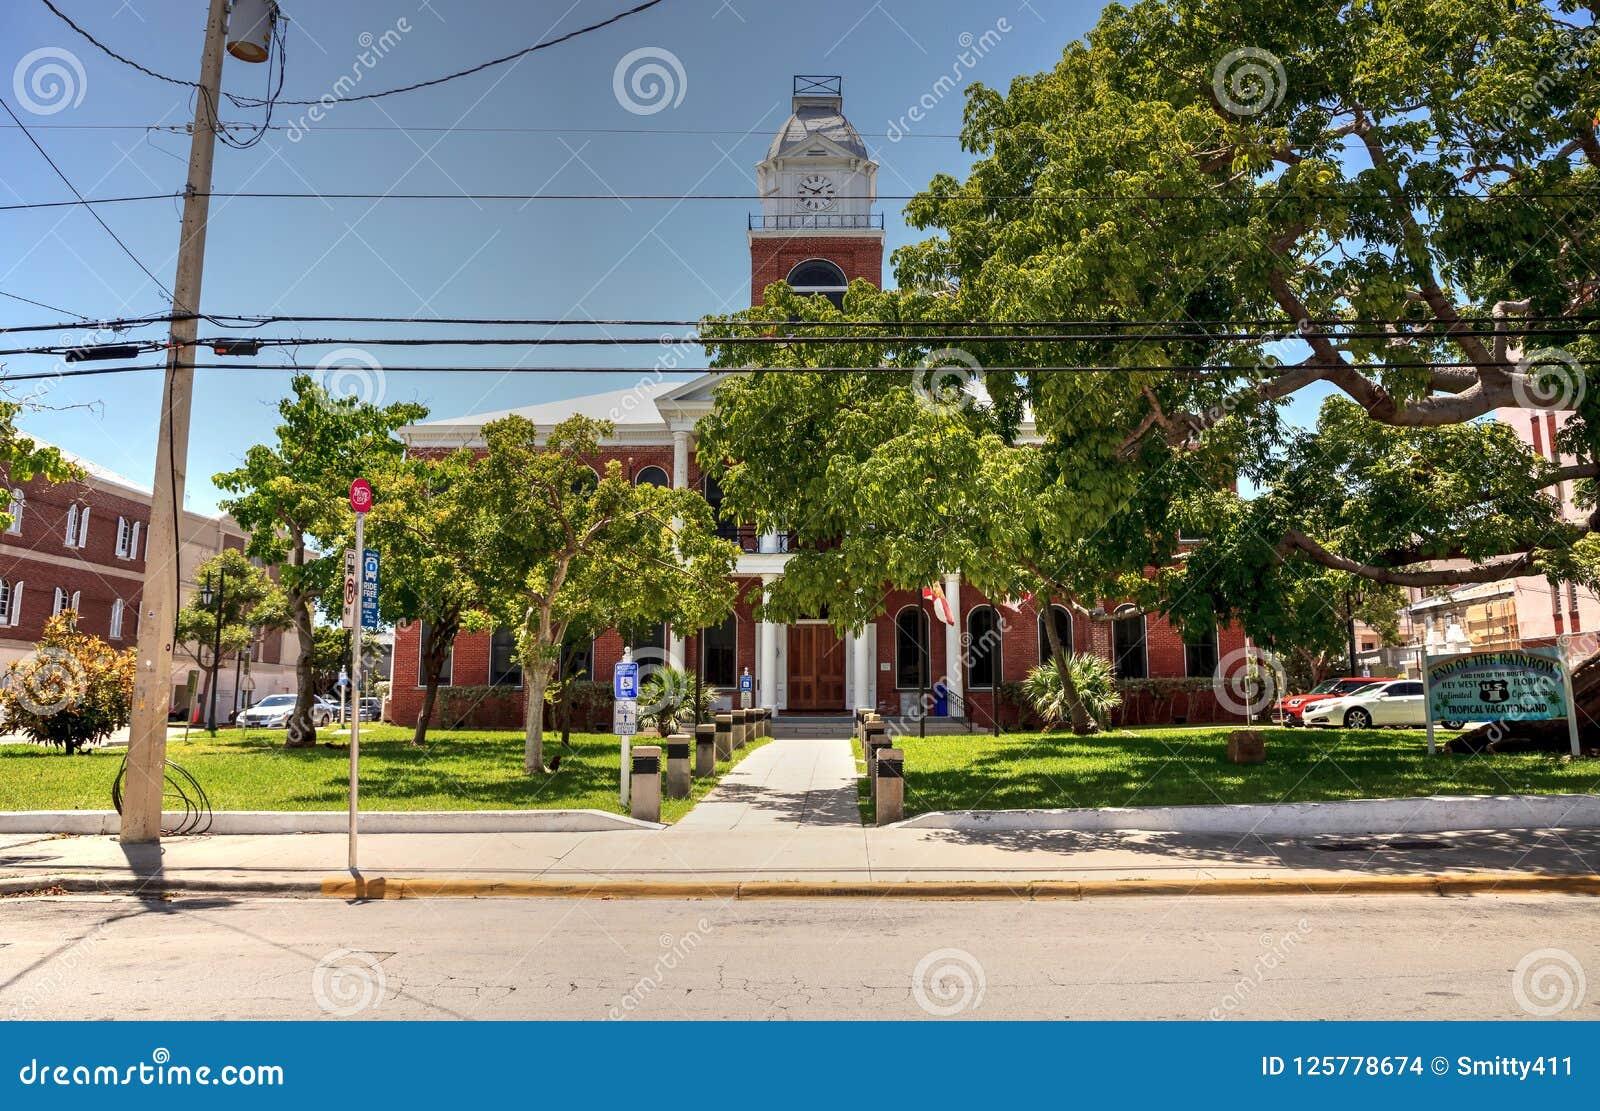 Monroe County Courthouse With A Large Kapok Tree Ceiba Pentandra